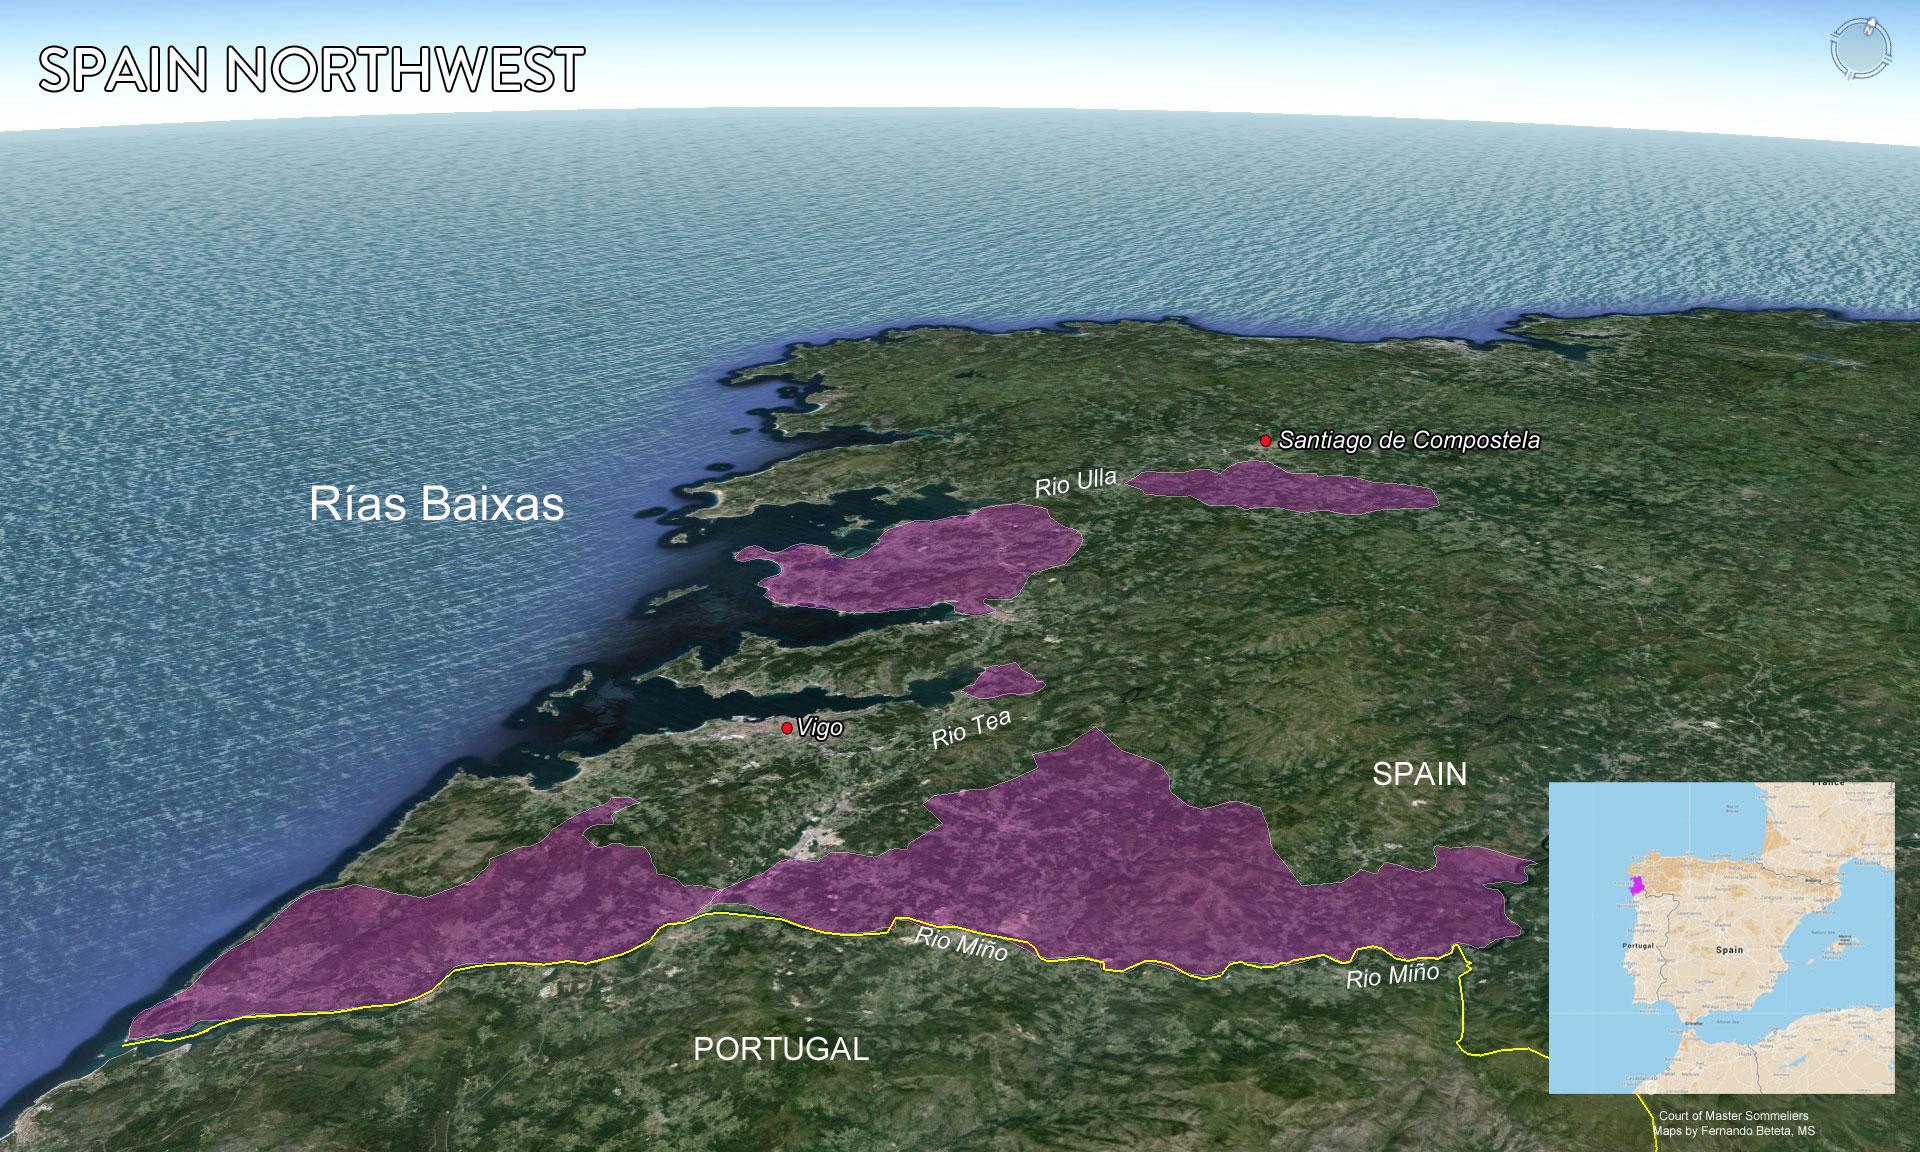 Spain-Northwest.jpg